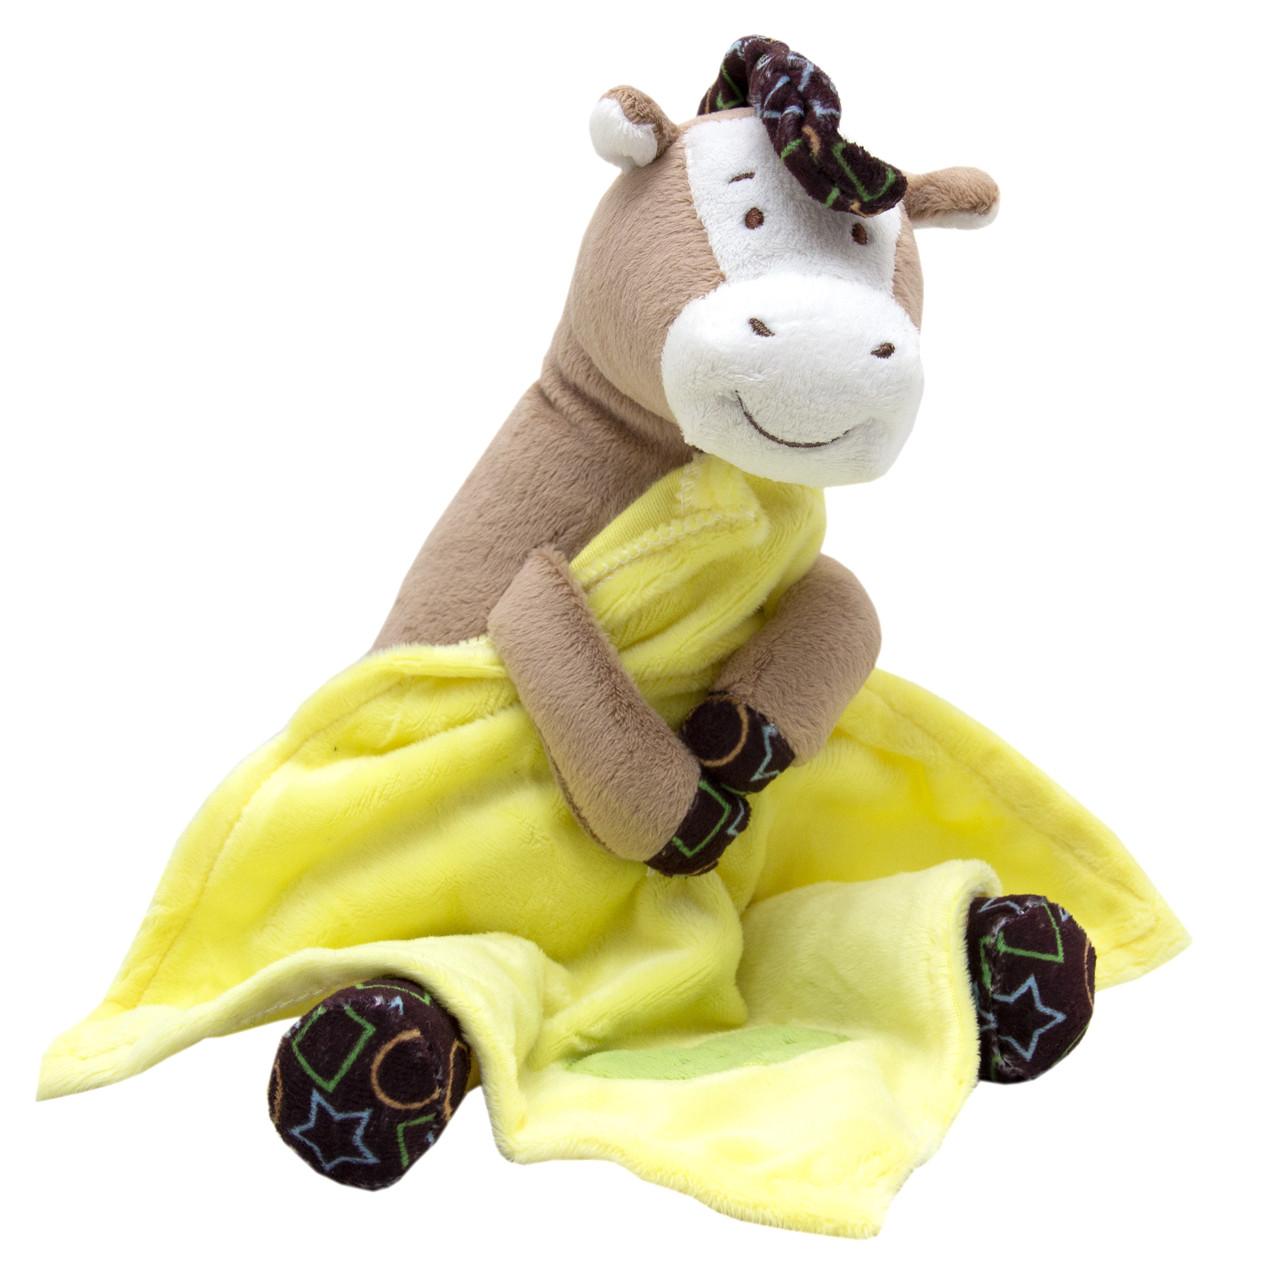 М'яка іграшка Коник з жовтим ковдрою, 19 см, (D1228319-1)